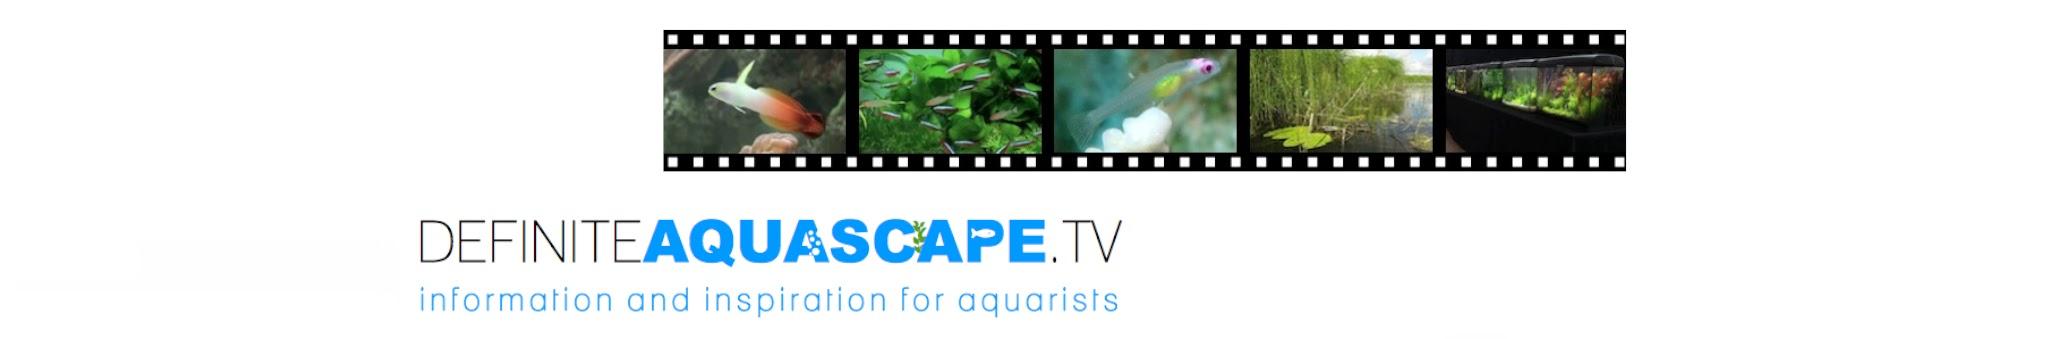 DefiniteAquascapeTV